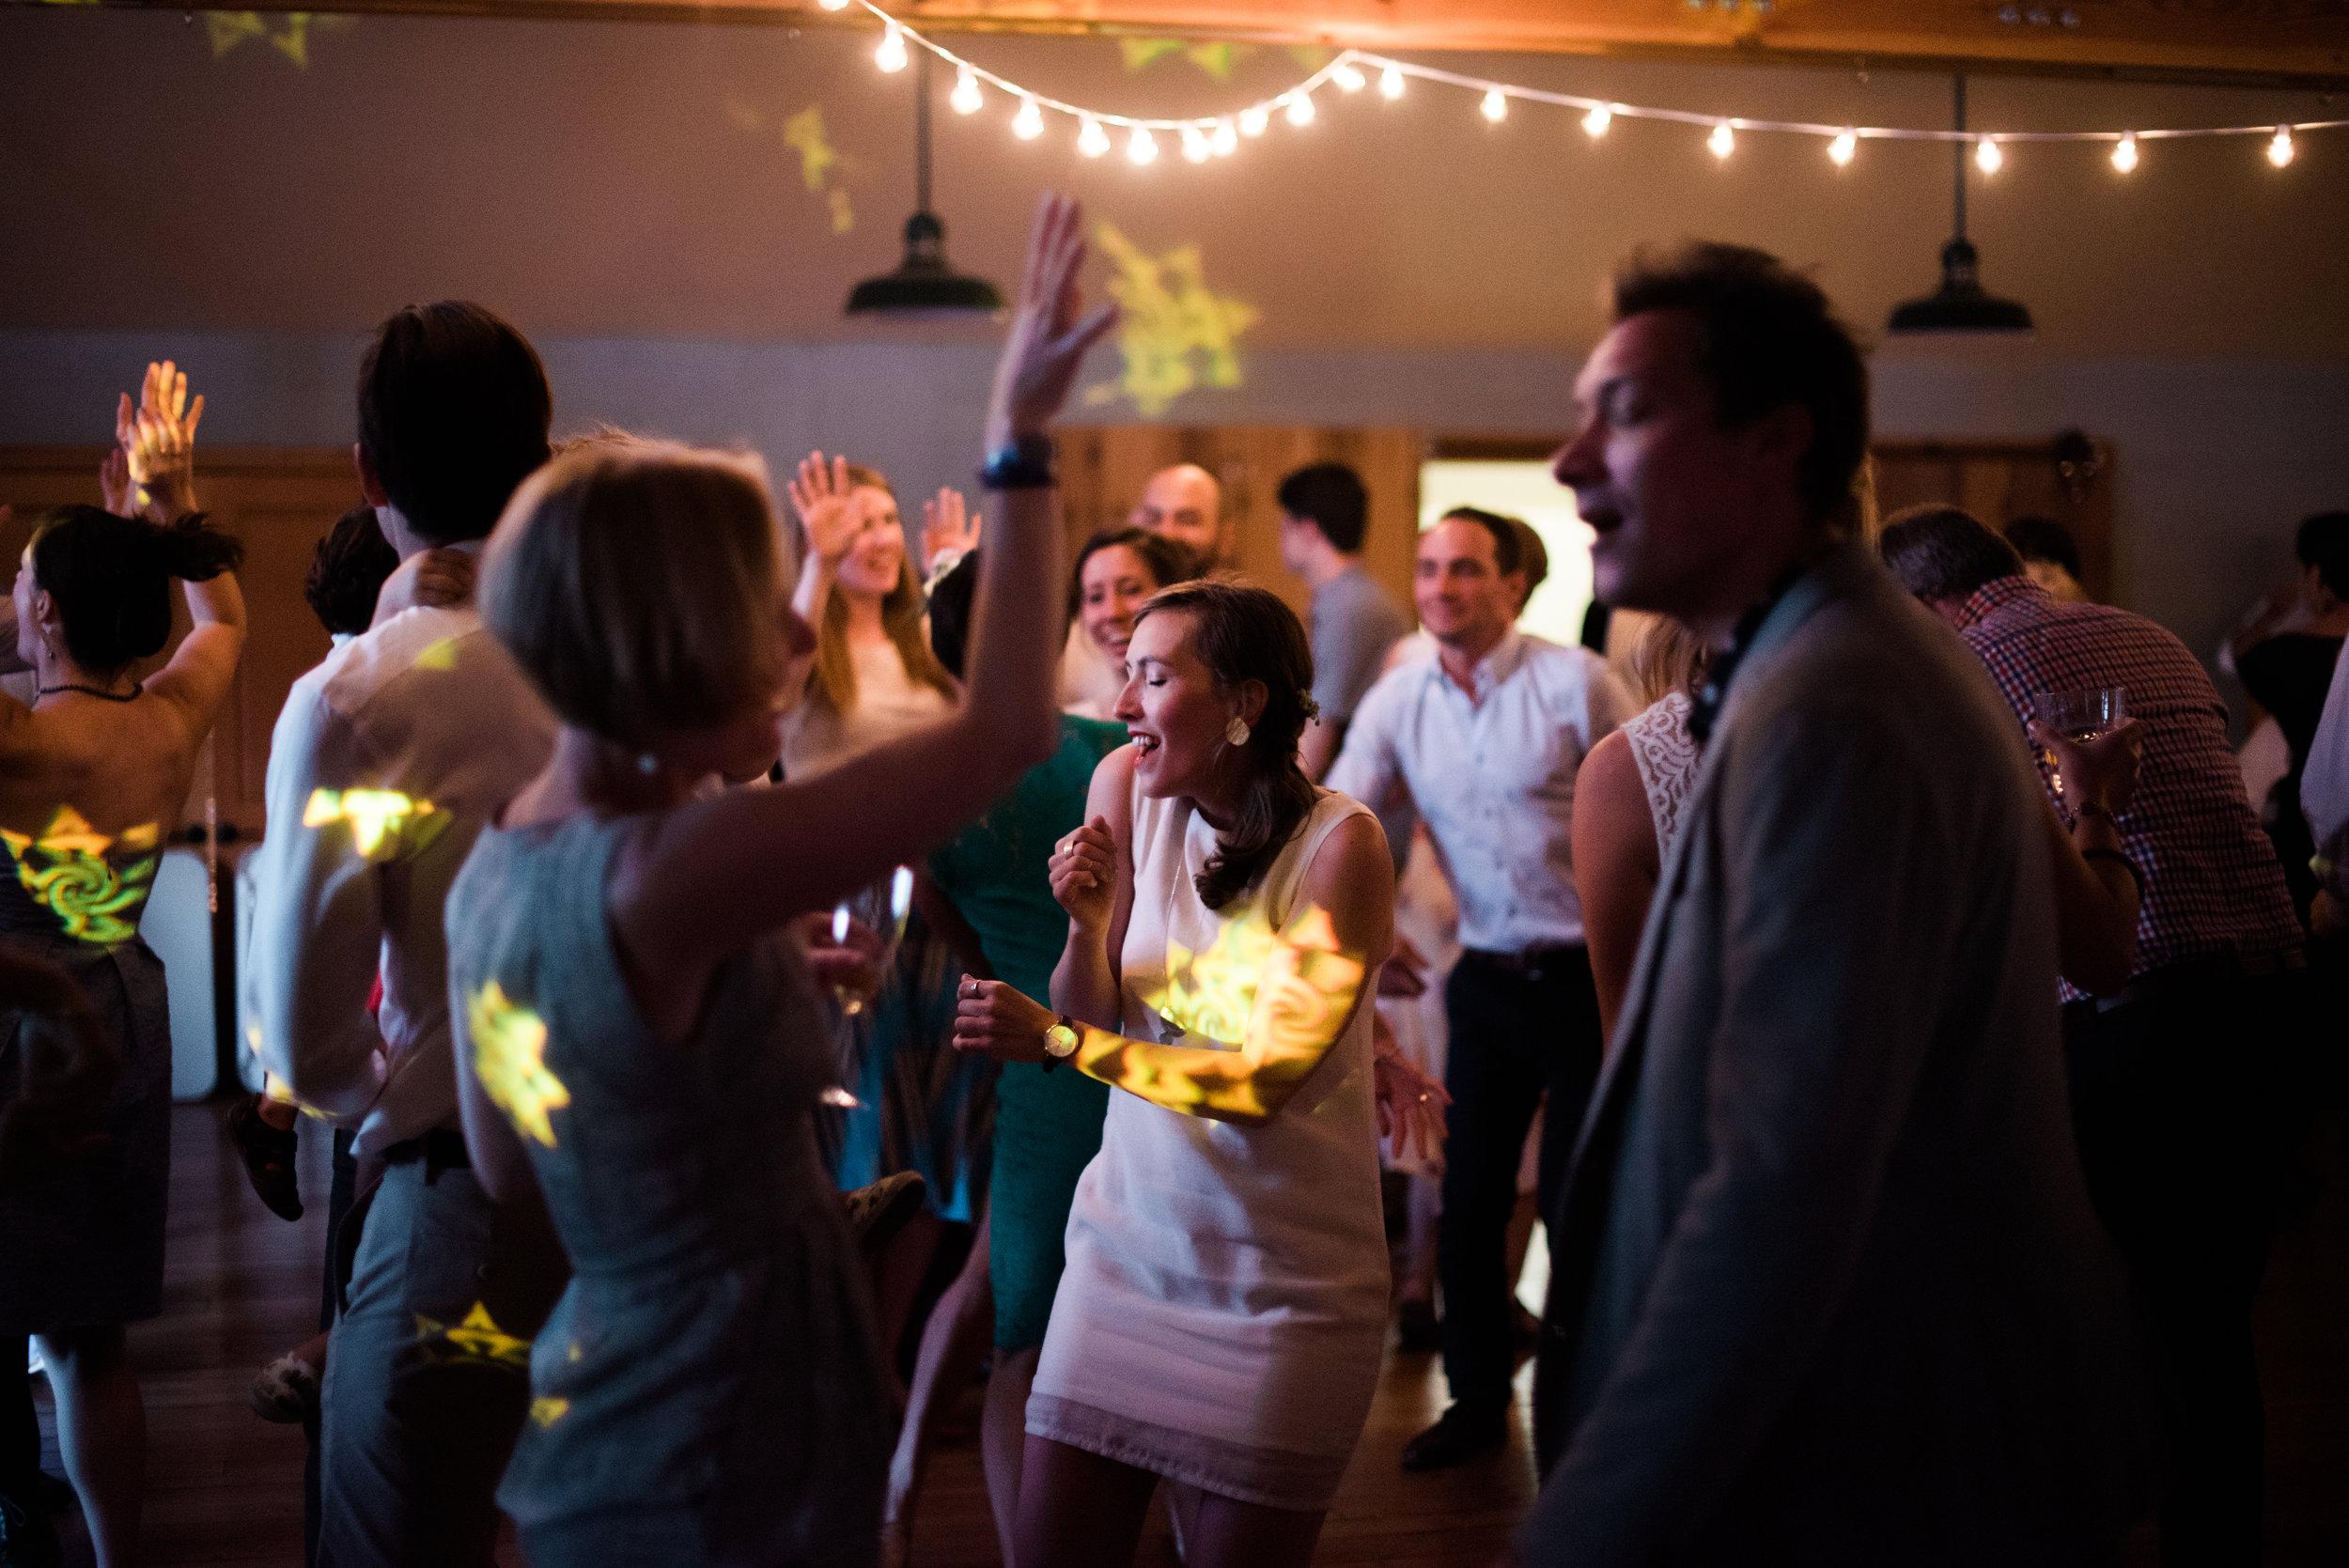 10 Dancing-7221.jpg